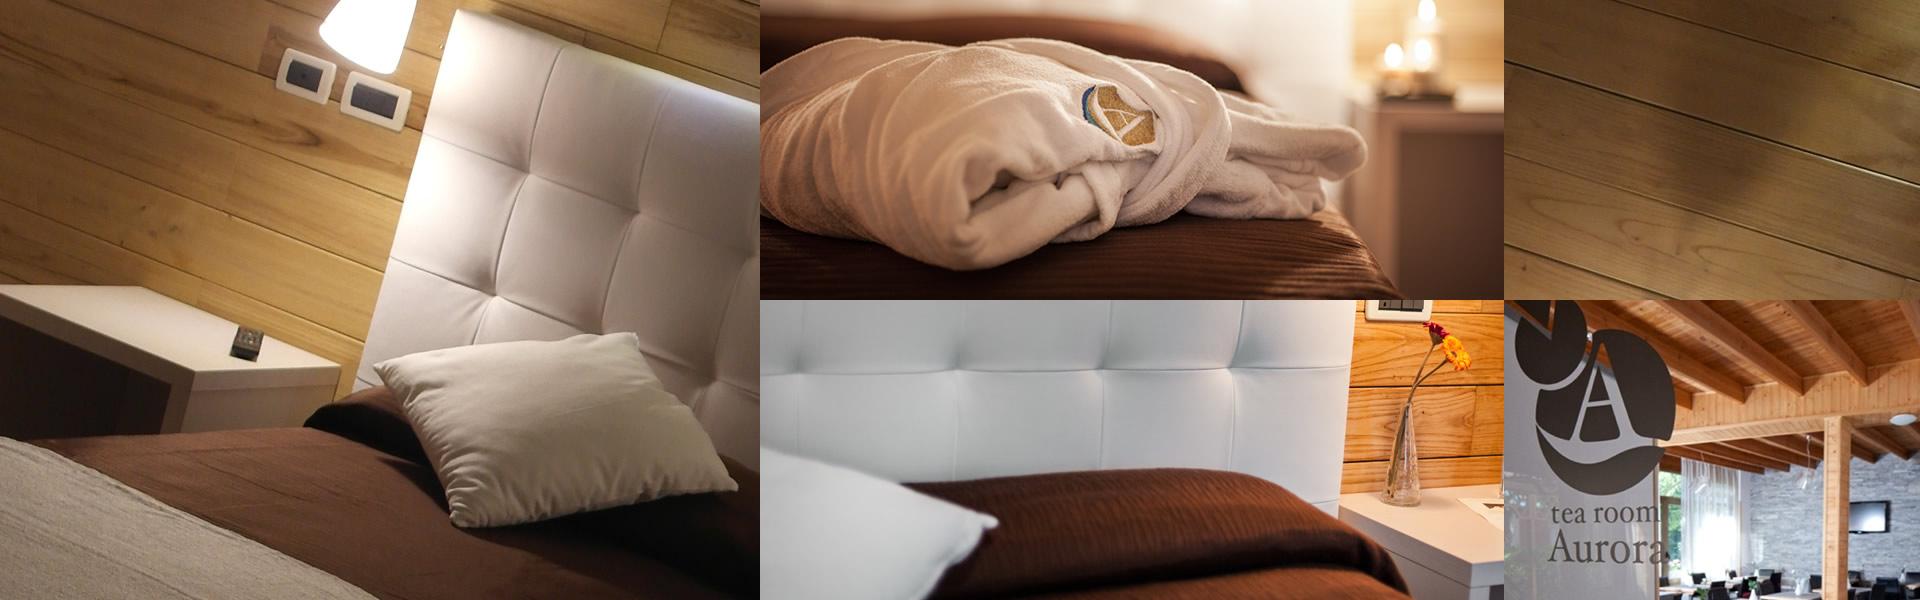 servizi_hotel_aurora vacanza intelligente monte amiata